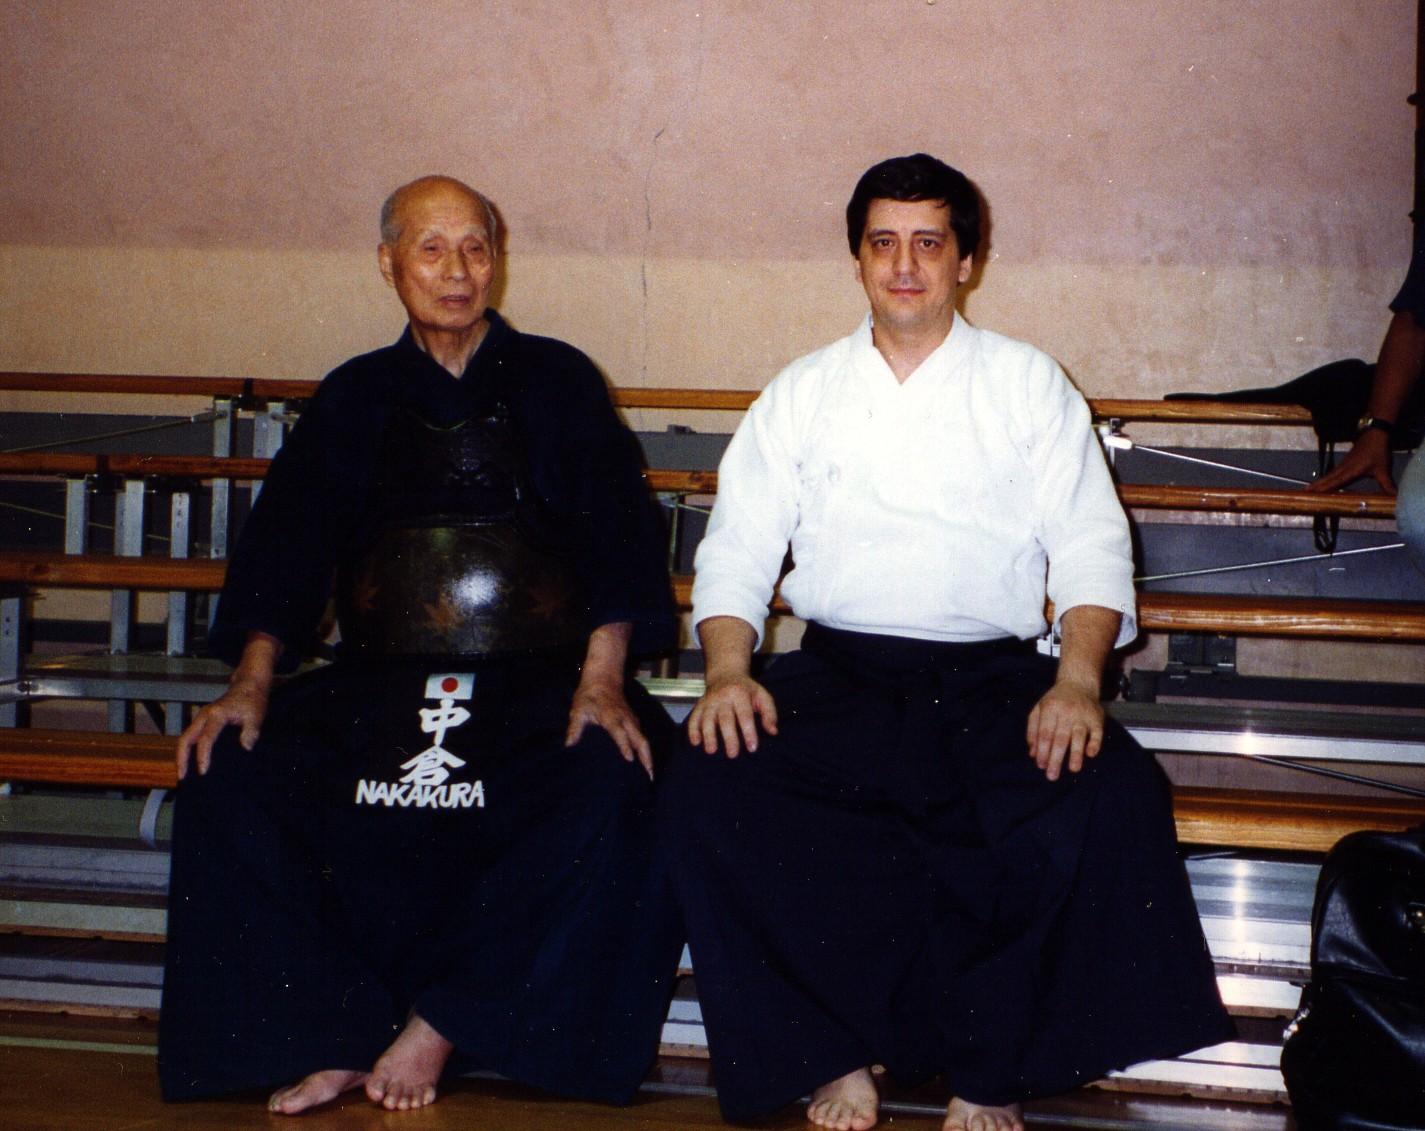 Nakakura  3